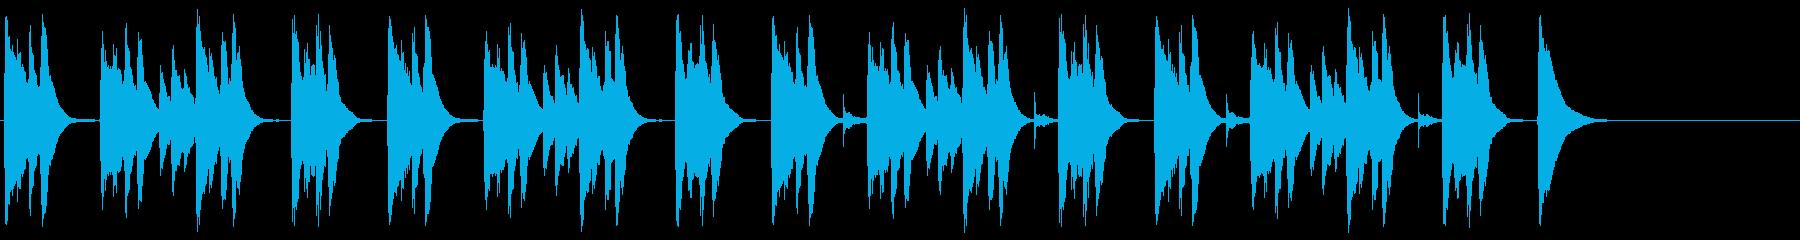 ゆったりとした雰囲気の日常曲の再生済みの波形